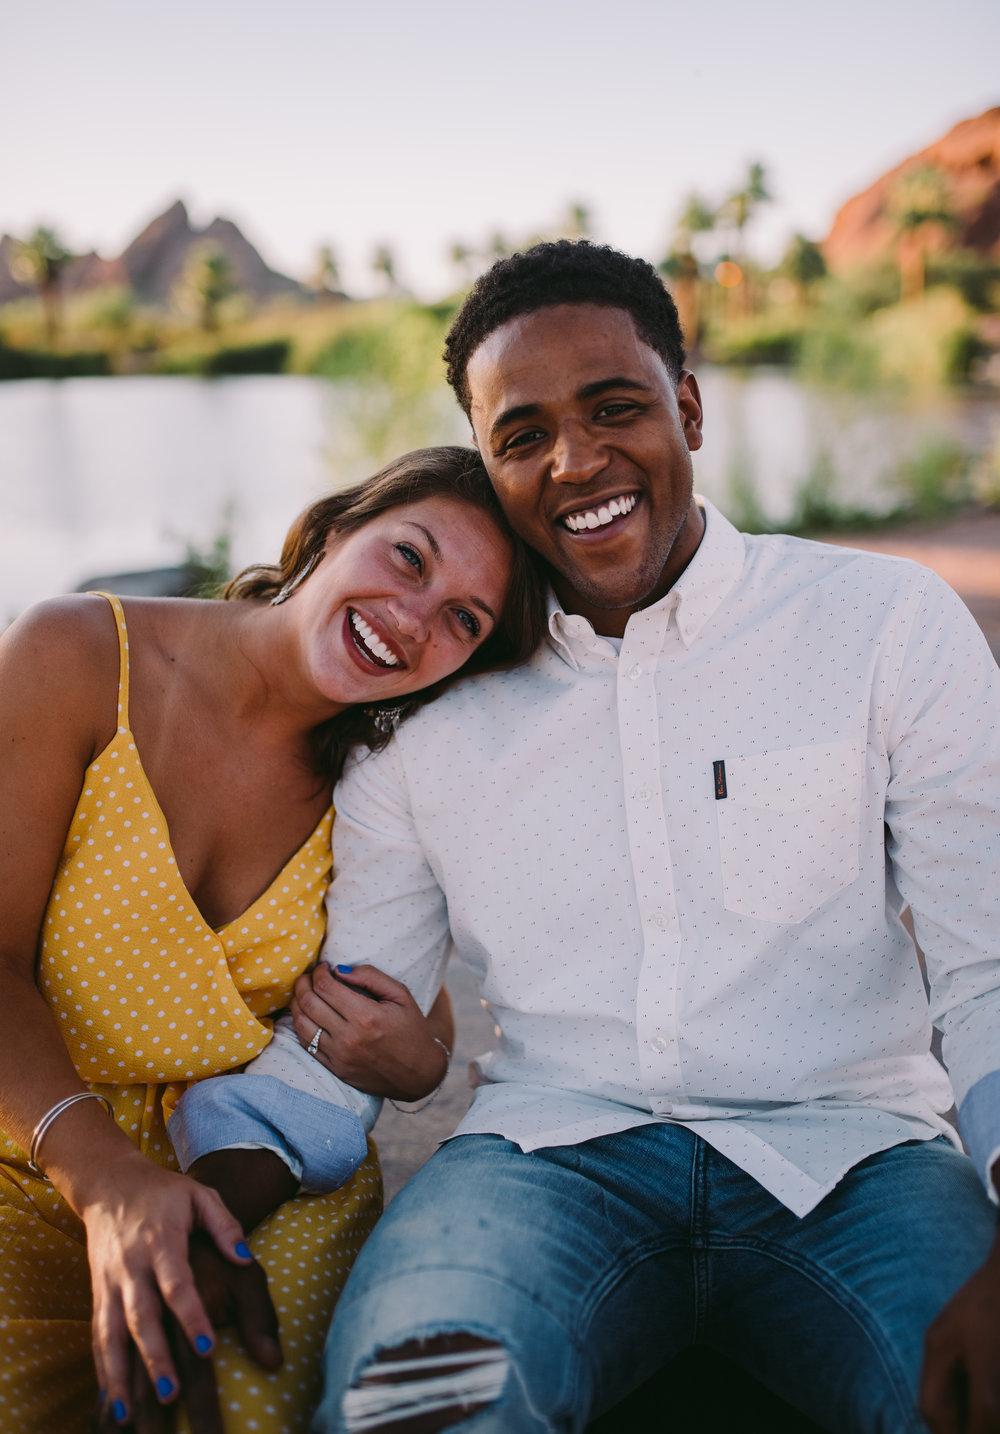 Jorey&Bryndon_EngagementSessionAtPapagoPark_July2018_PhoenixArizonaCouplesPhotographer_SamanthaRosePhotography_fina_010.JPG